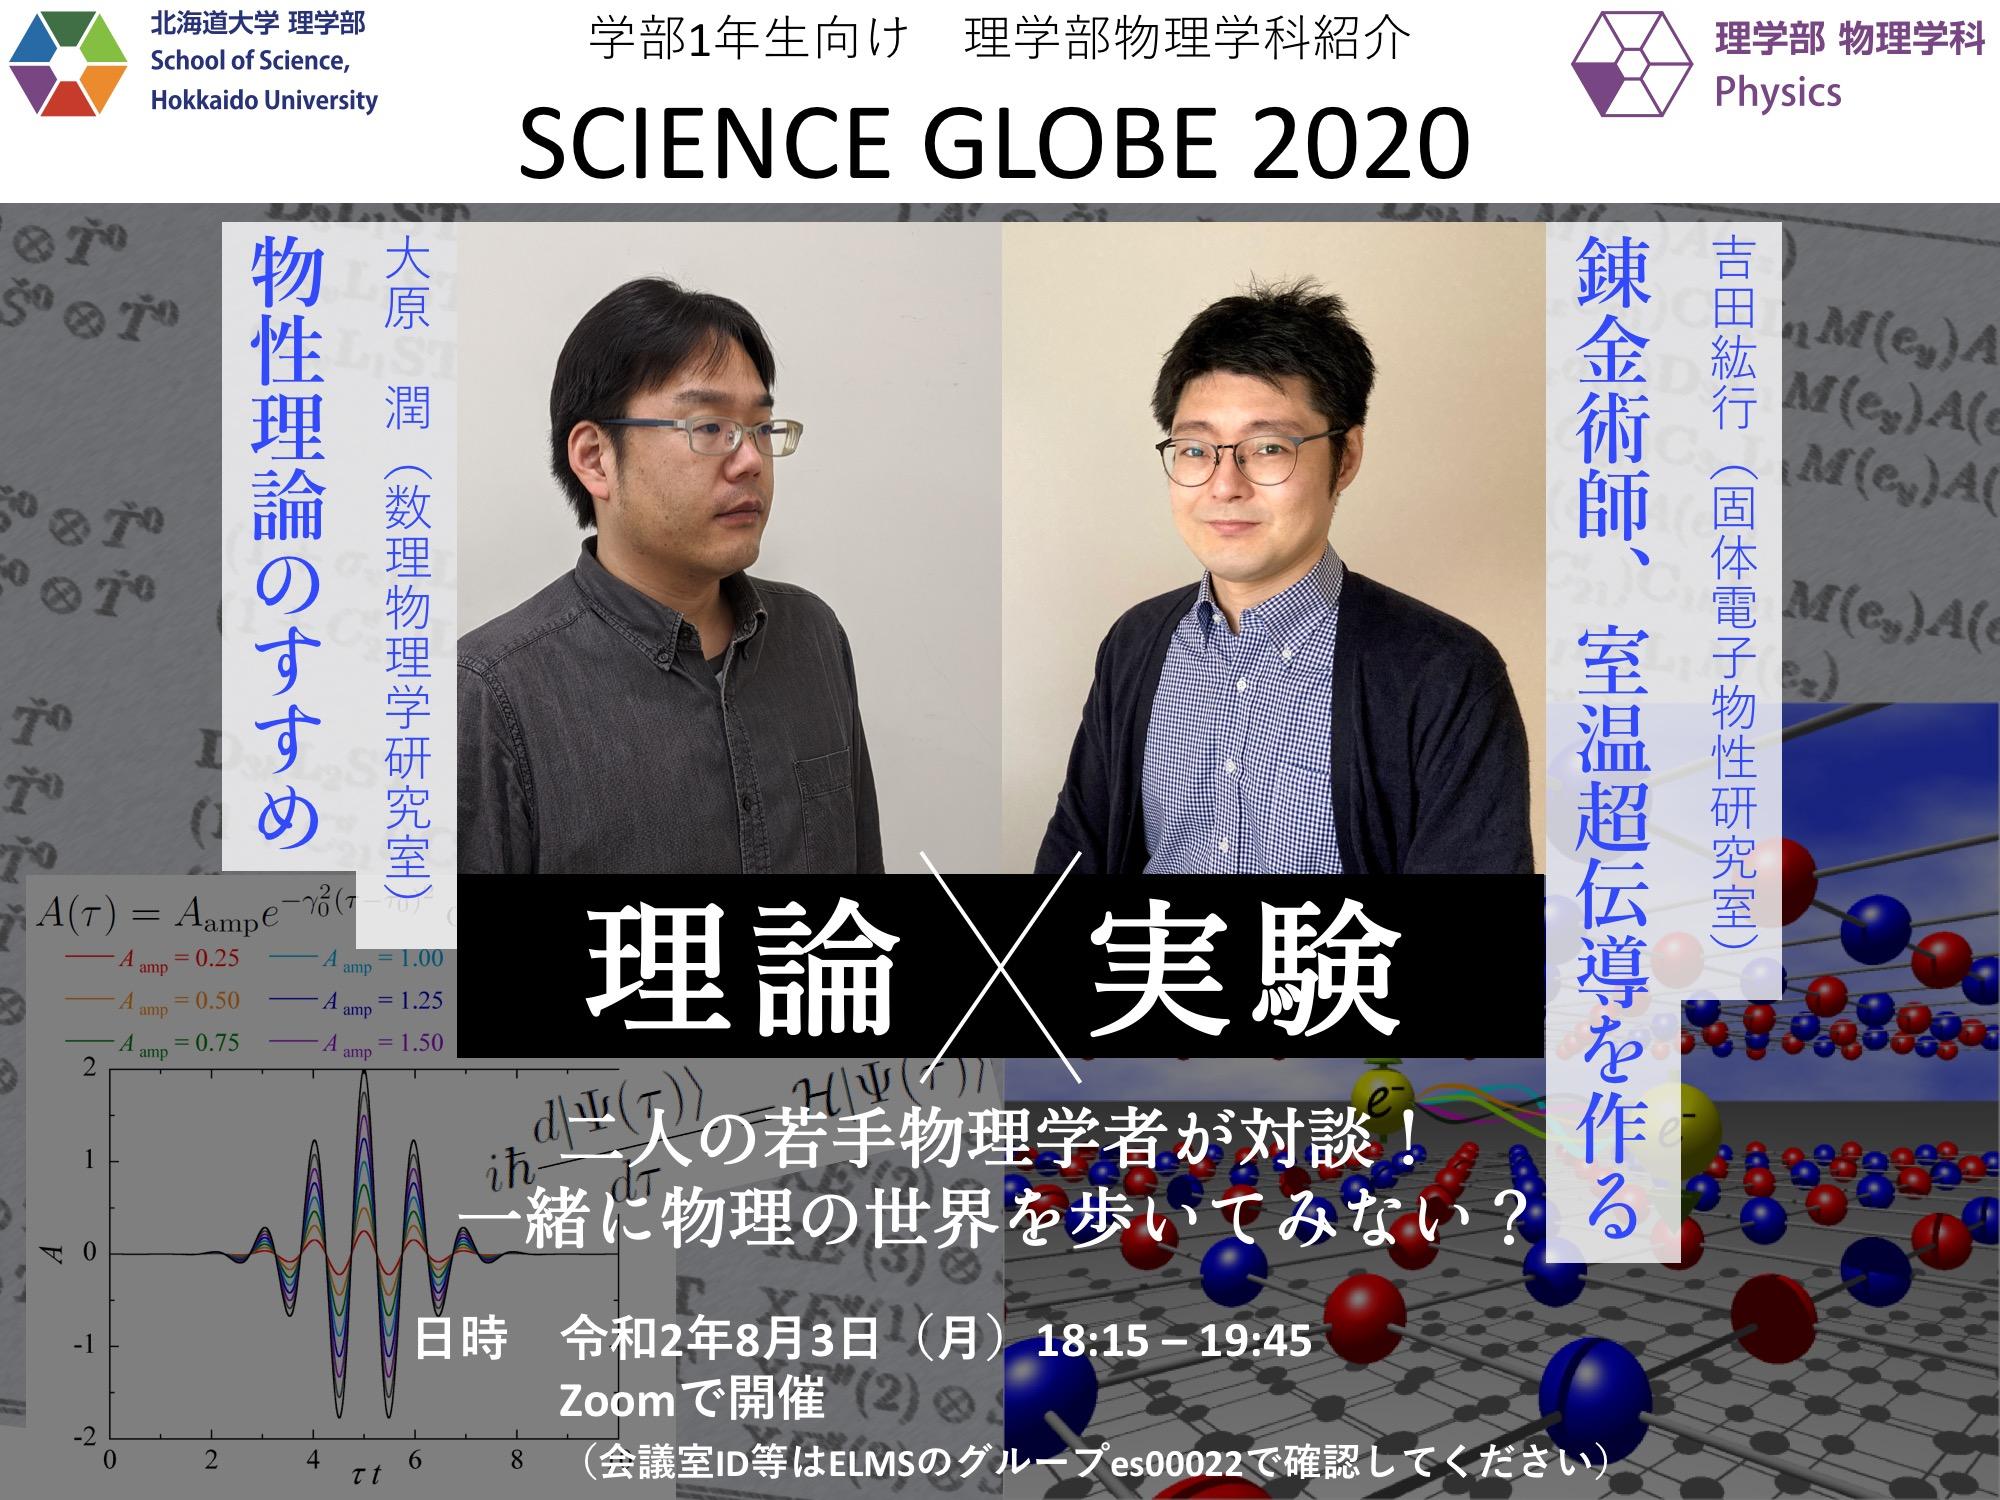 ScienceGlobe_poster_ver3.jpg